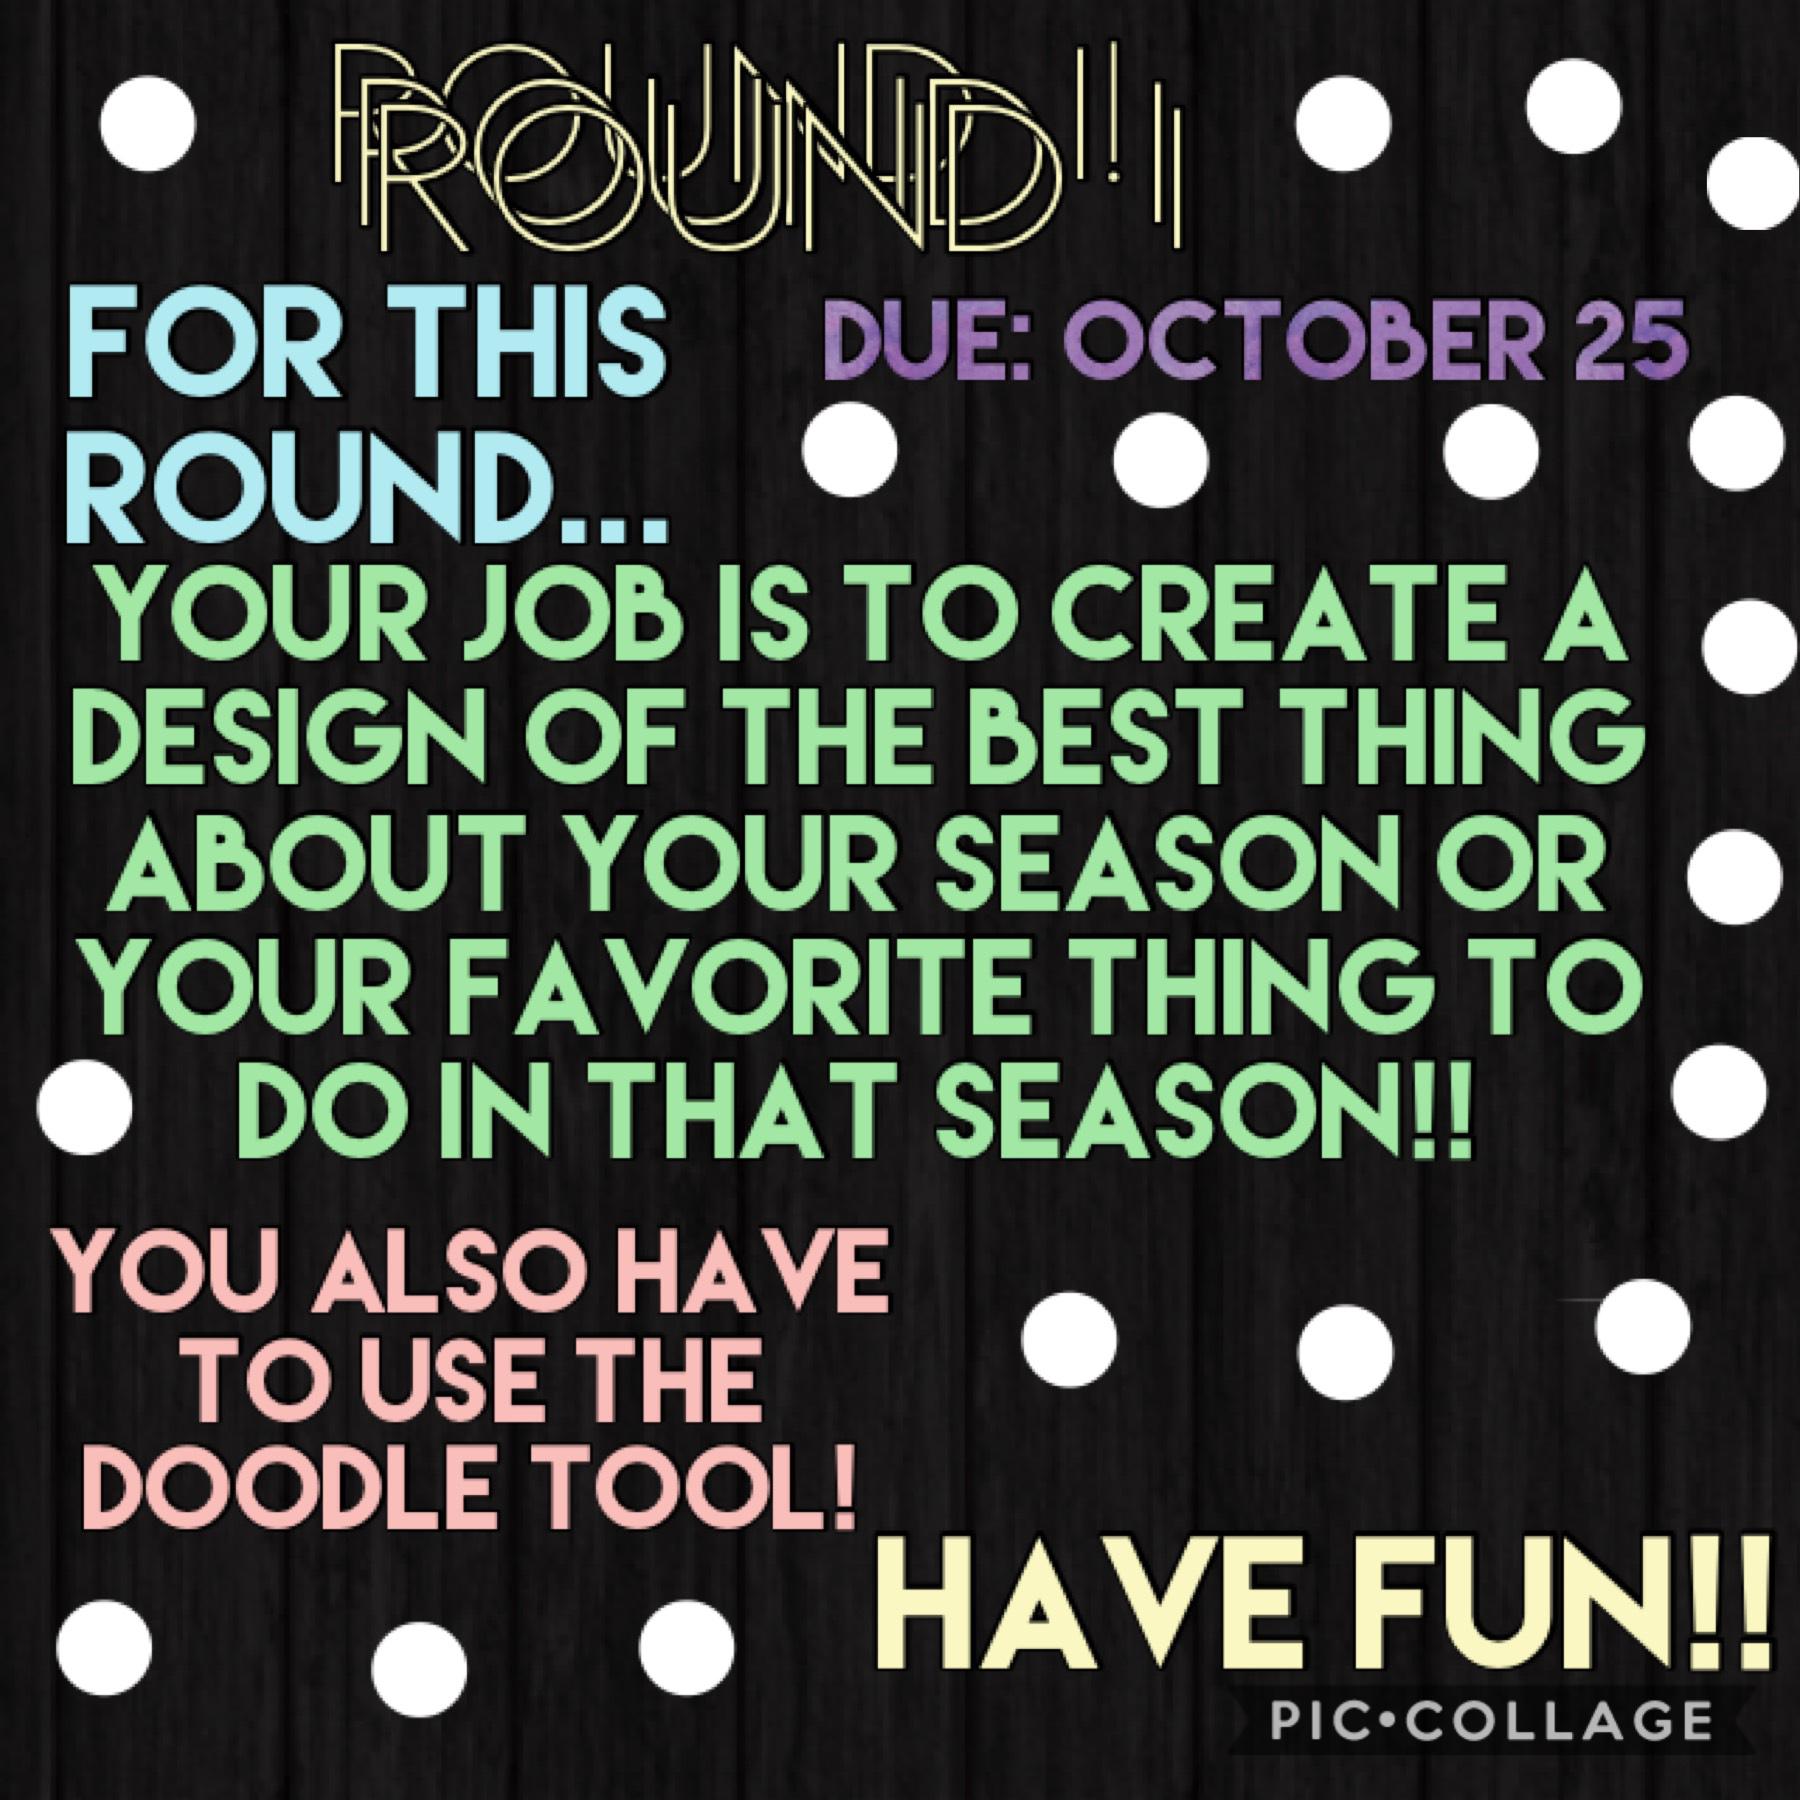 Round 1!! Have fun!